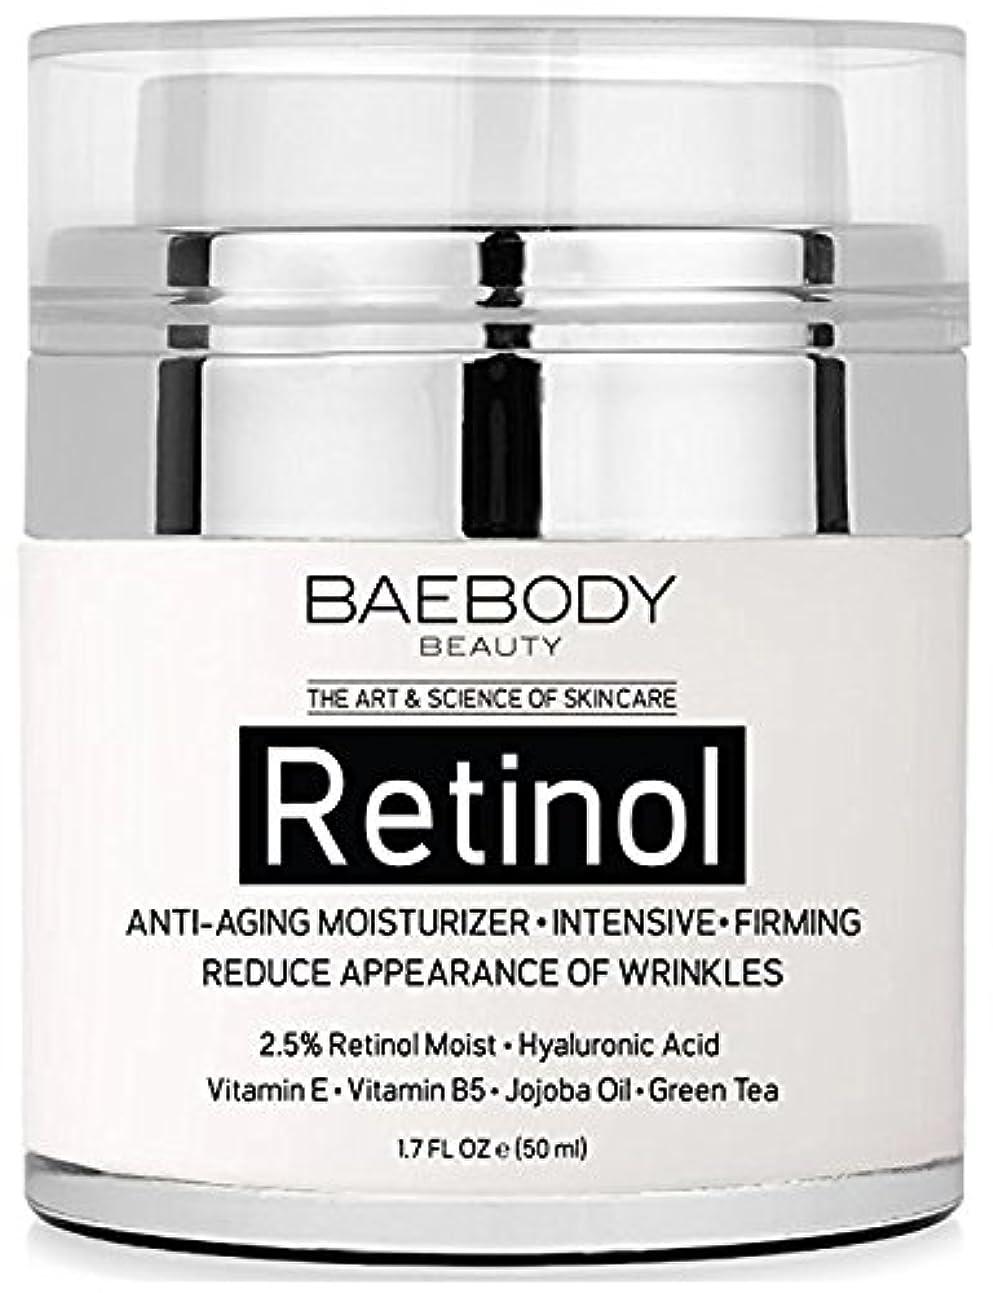 年金受給者勧める縮れたBaebody社 の レチノール 保湿クリーム Baebody Retinol Moisturizer Cream [並行輸入品]